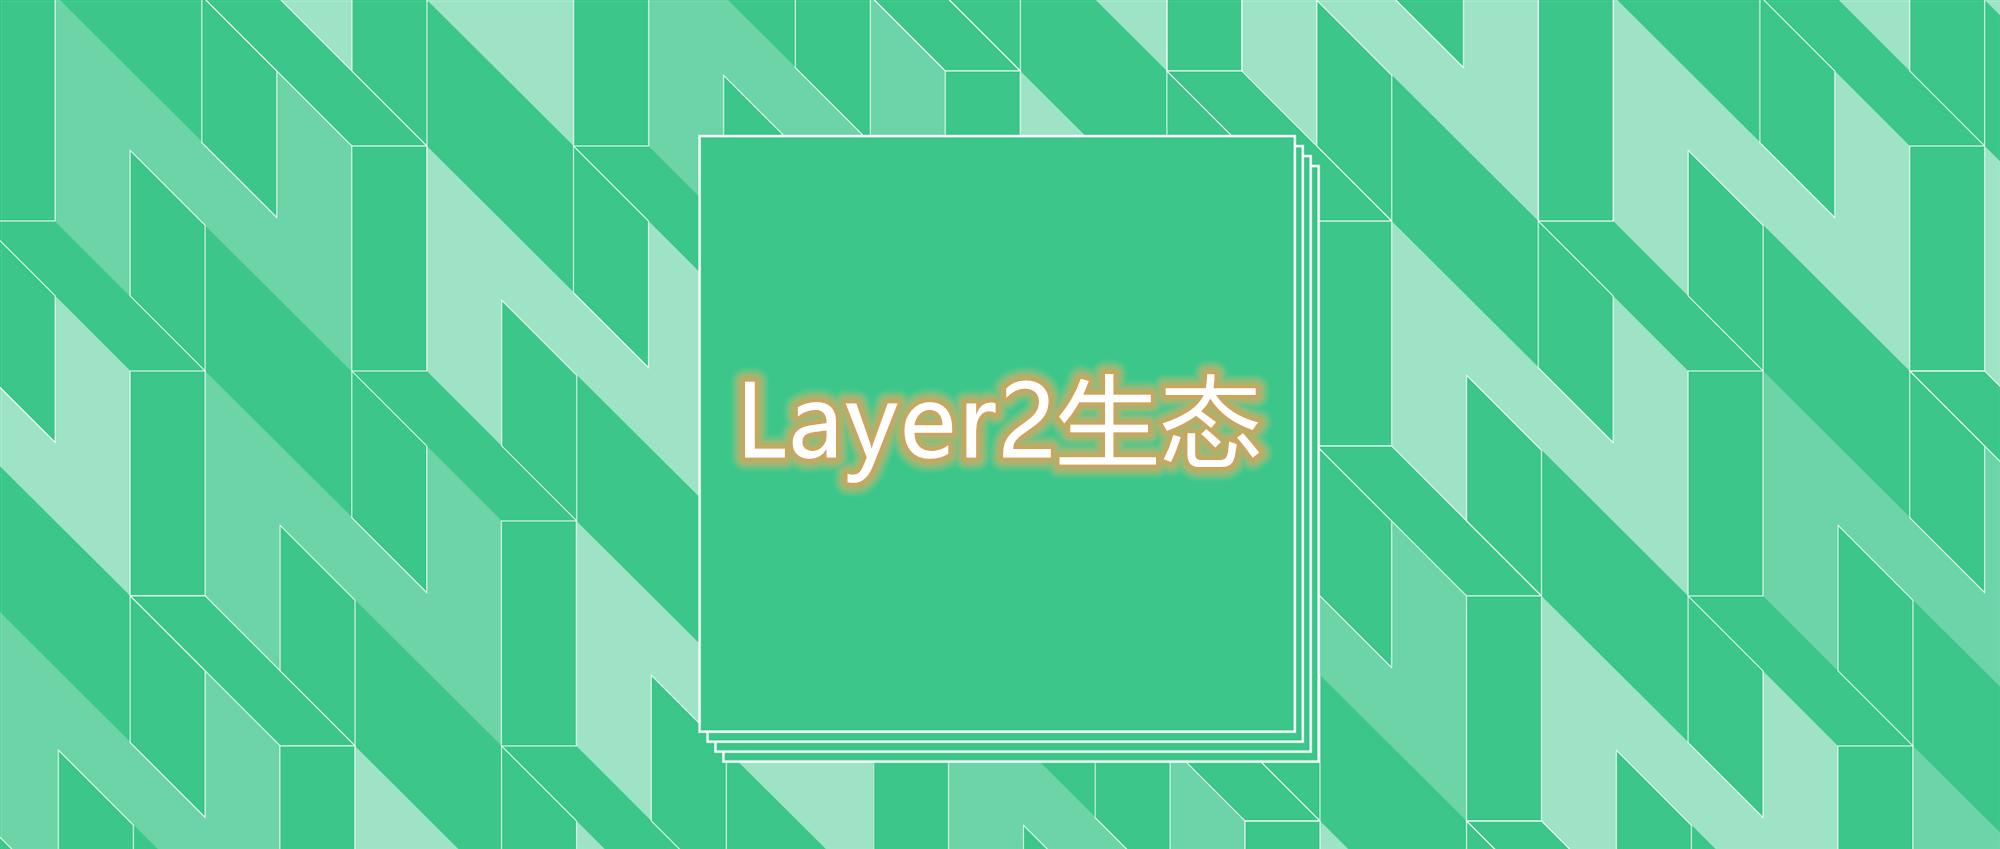 Nervos公链的Layer2生态和CKB经济模型全面解析丨链茶访